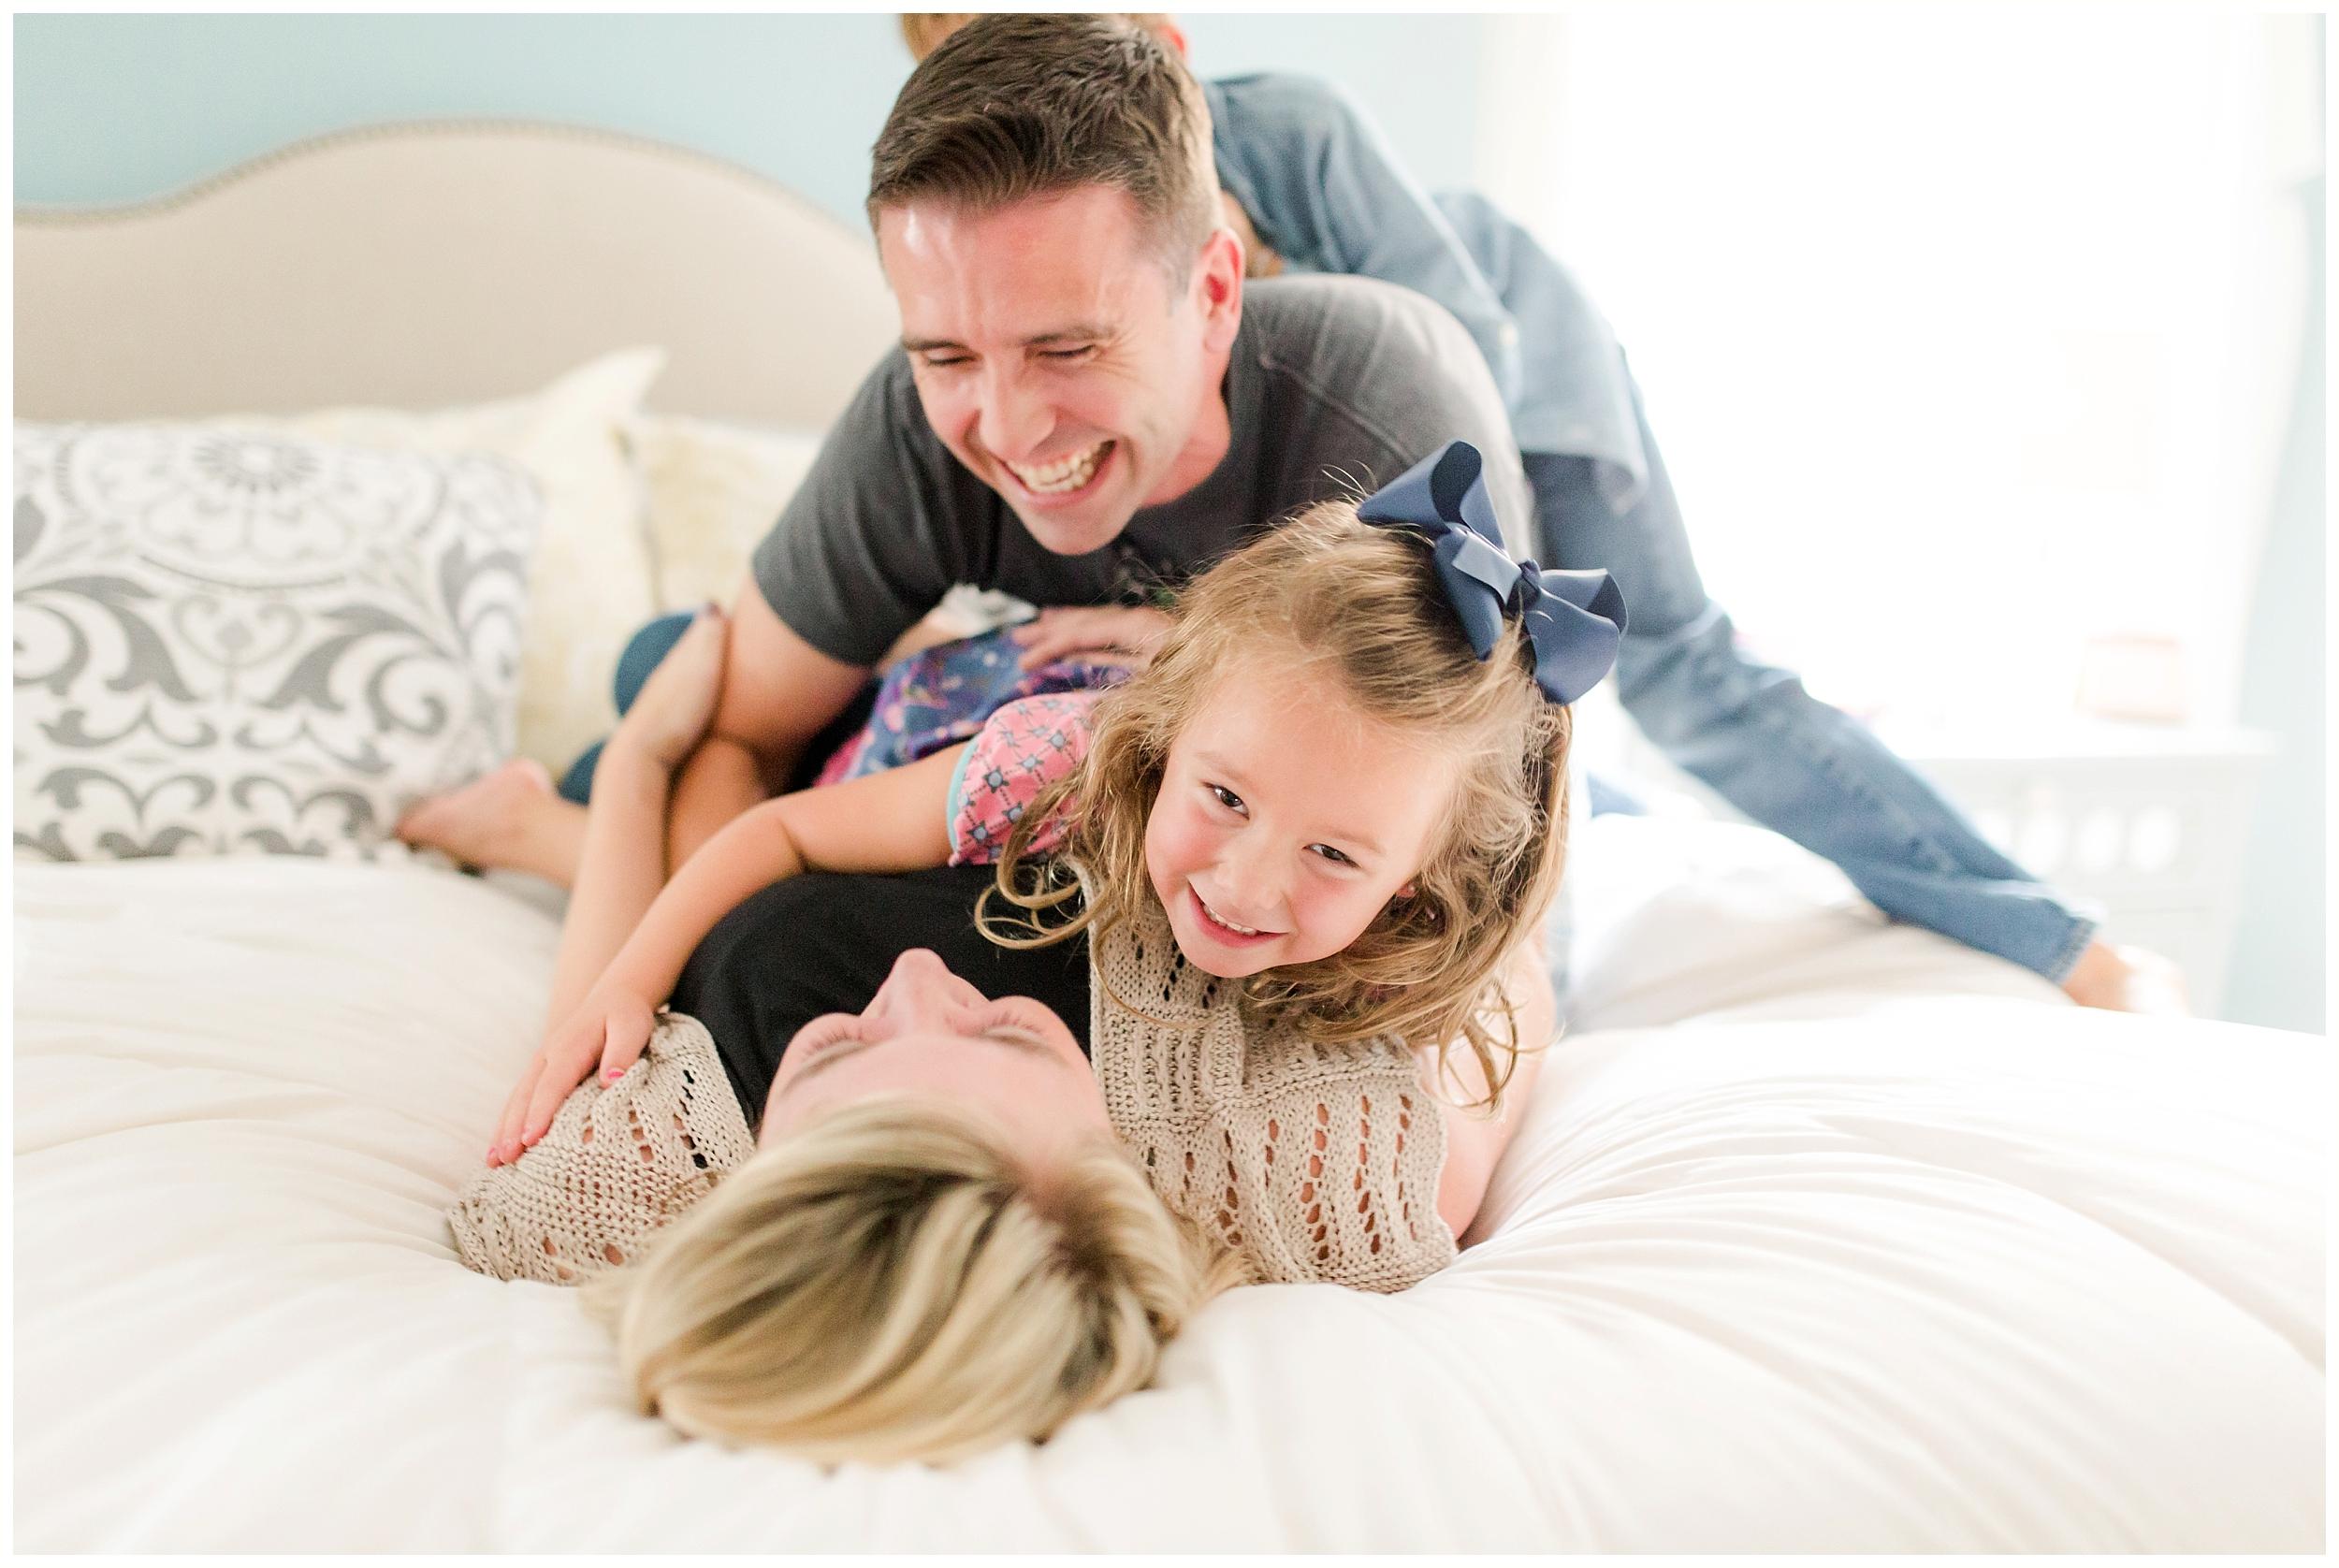 lexington-ky-family-lifestyle-photos-by-priscilla-baierlein_0551.jpg